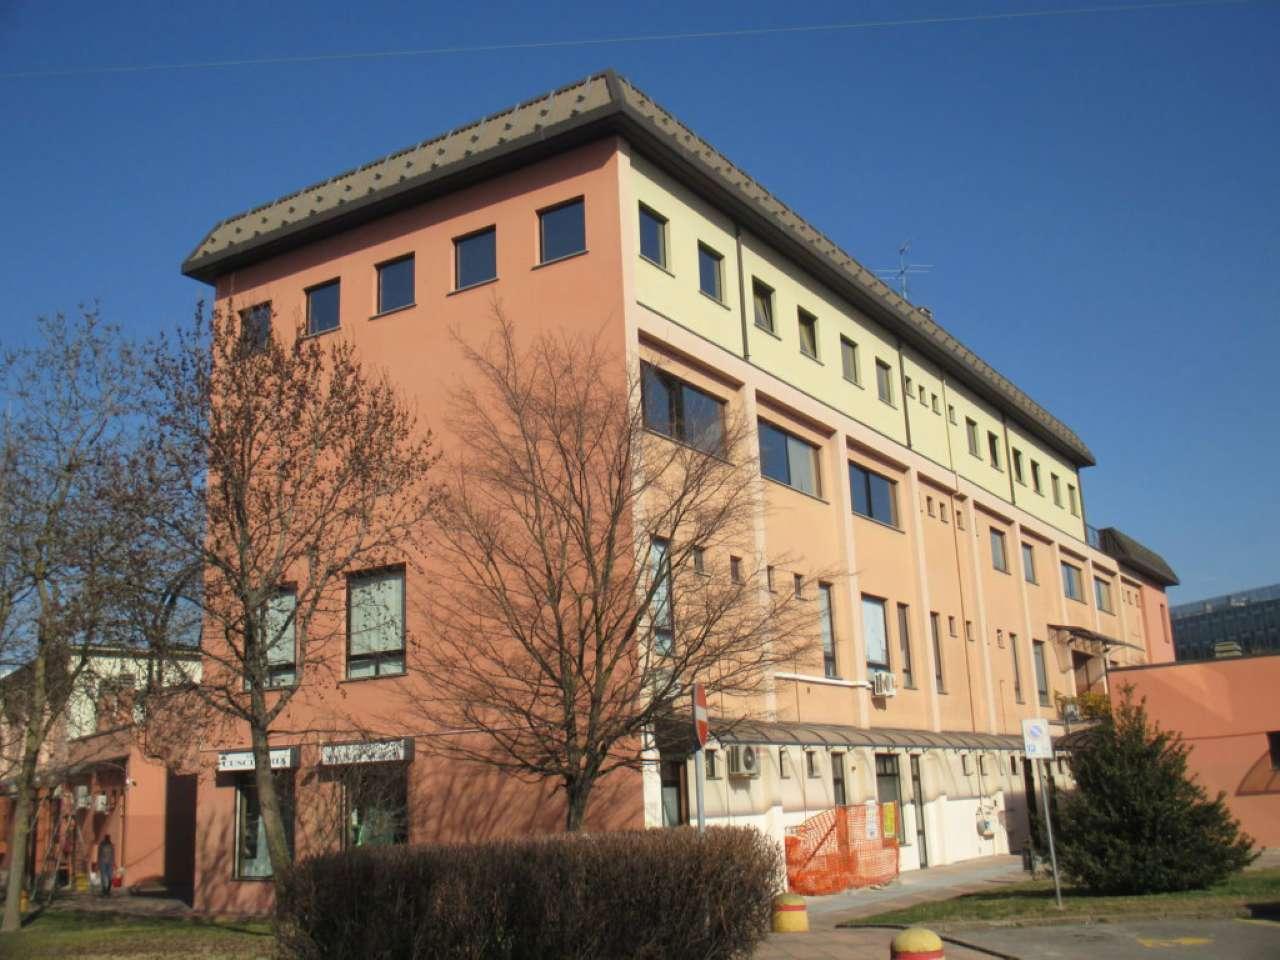 Ufficio / Studio in affitto a San Donato Milanese, 9999 locali, prezzo € 1.160   PortaleAgenzieImmobiliari.it